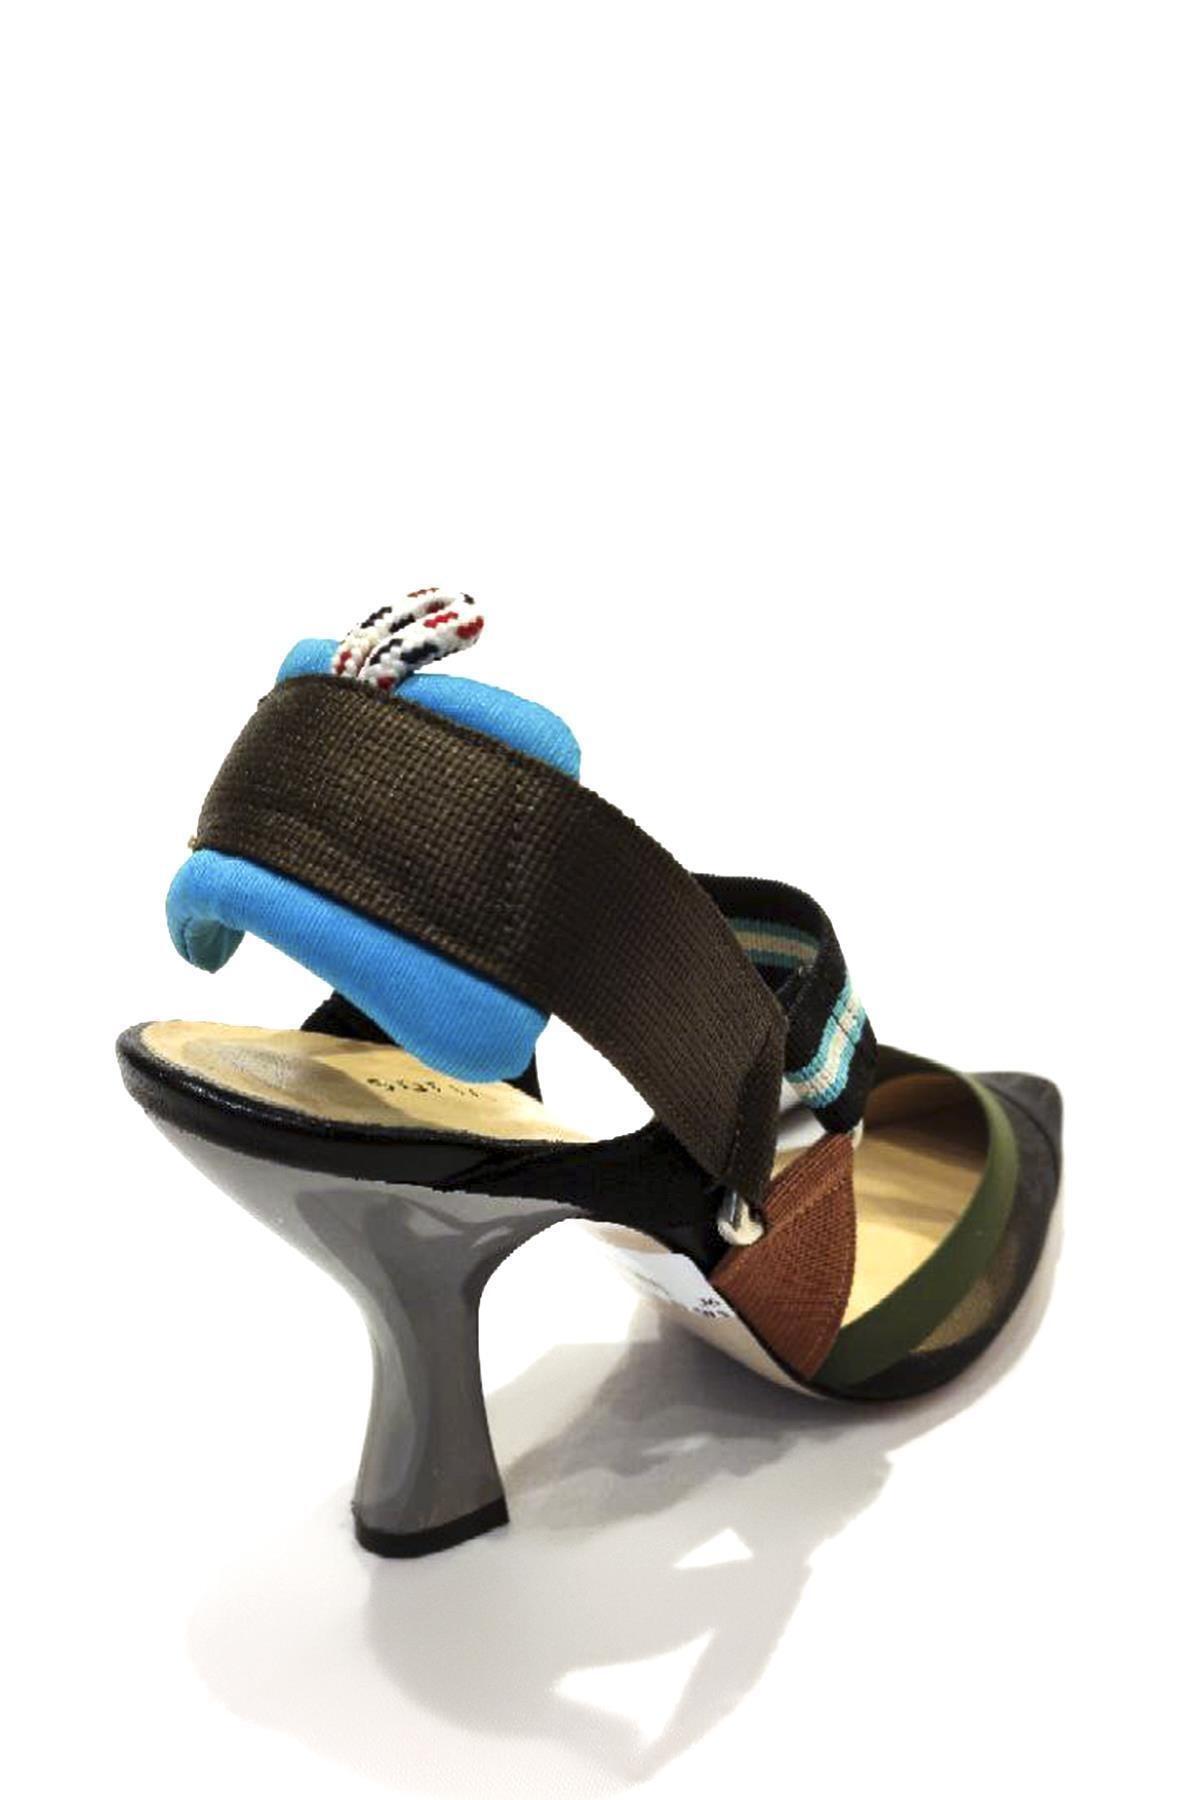 Sofia Baldi Tekstil Malzemesi Klasik Topuklu Ayakkabı Sfb19y-423 01 2